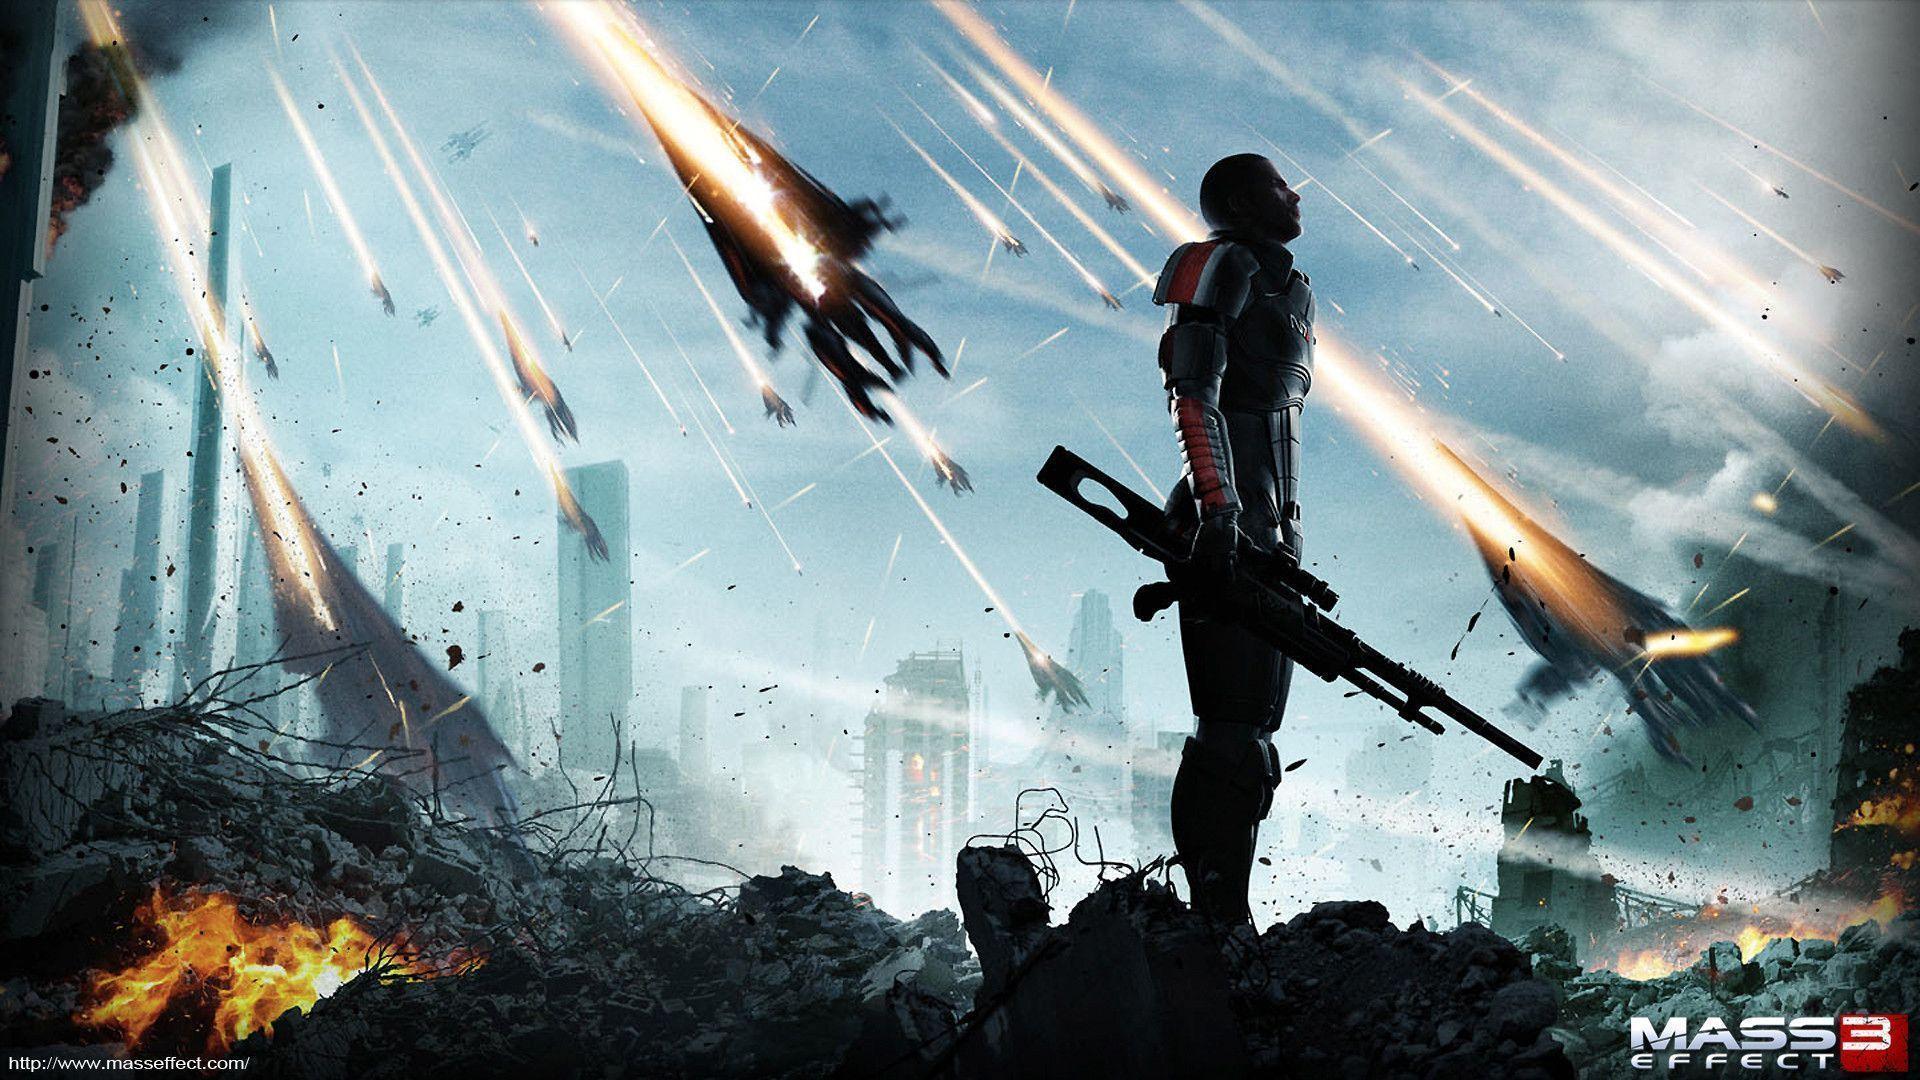 Mass Effect 3 Desktop Backgrounds